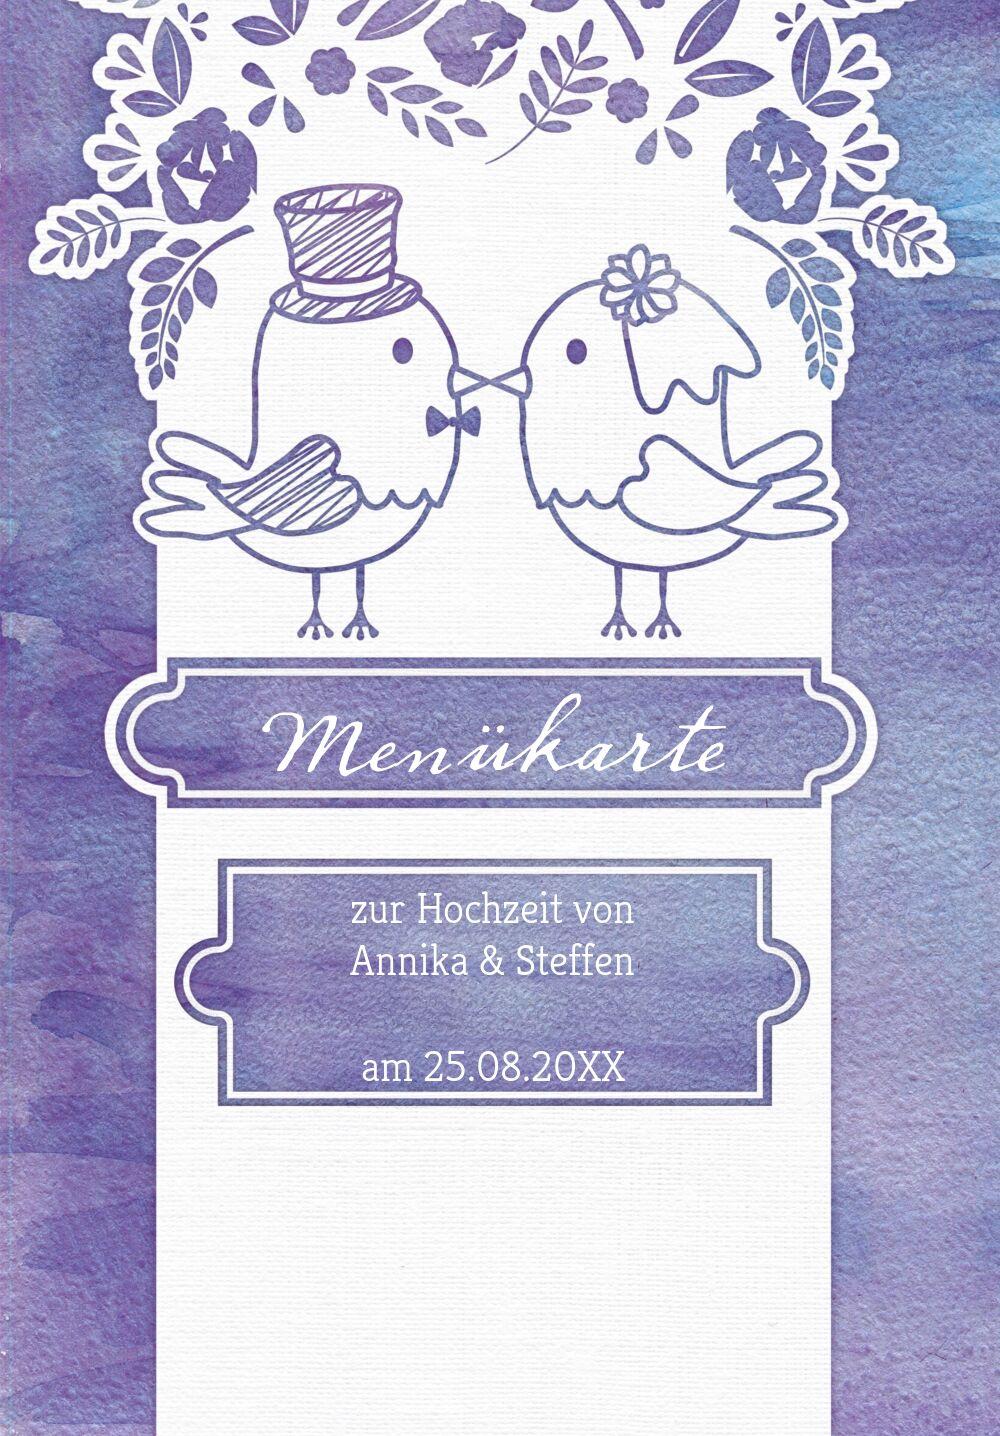 Ansicht 3 - Hochzeit Menükarte Vogelpaar